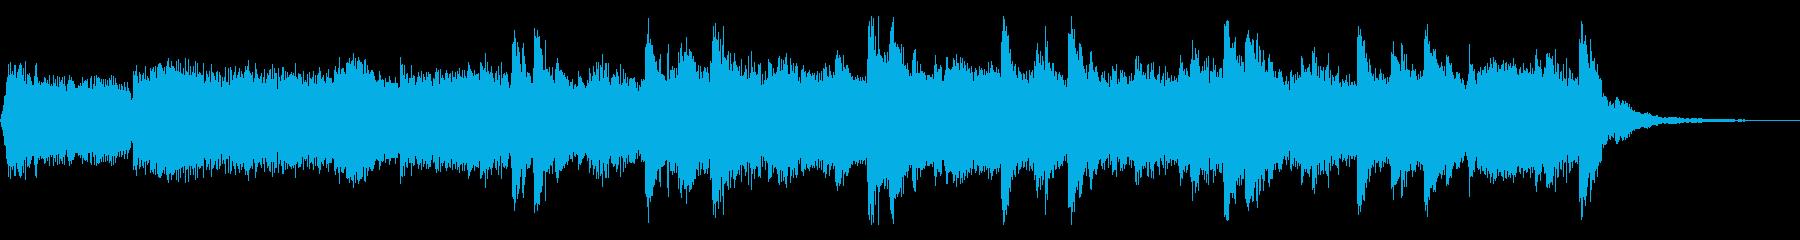 メローなエレクトロニカの再生済みの波形